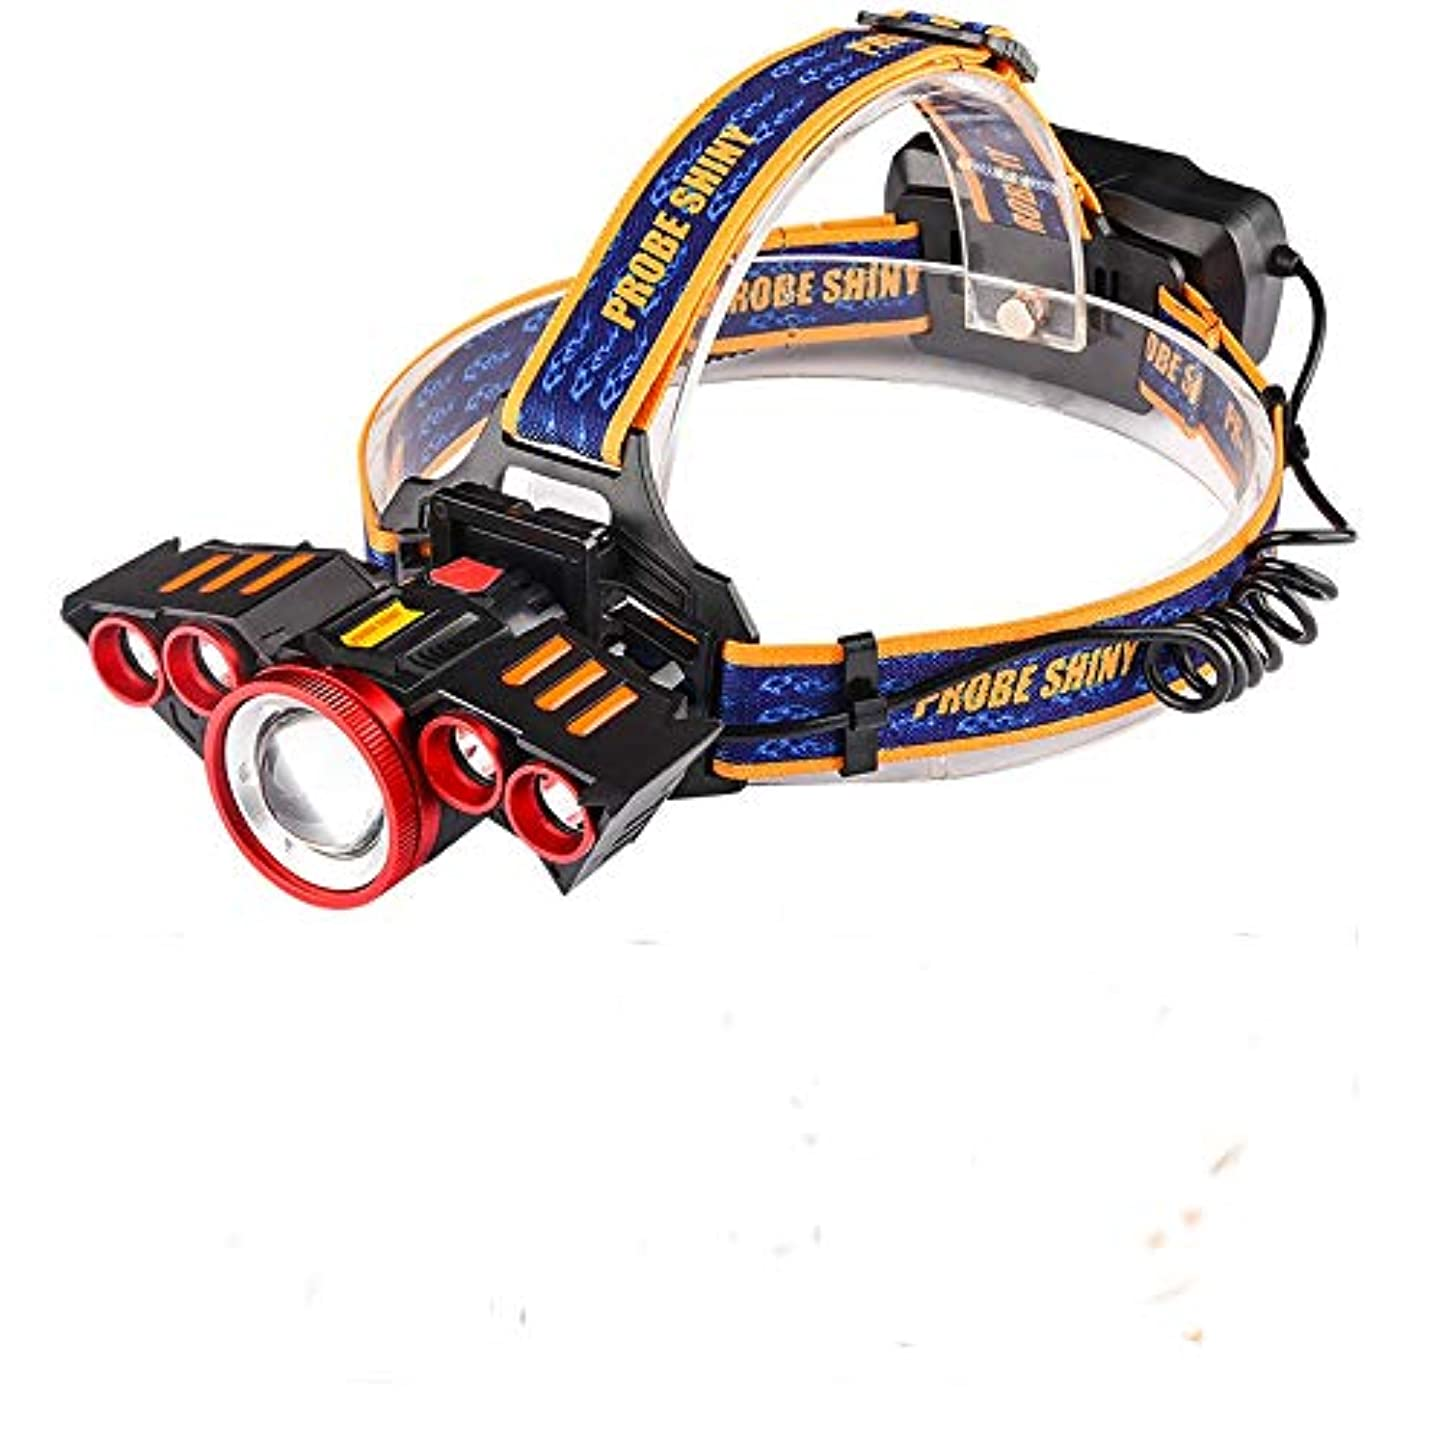 日没つば硬化するヘルメットライト 1*XM-L T6 LED+4*XPEヘッドランプ Headlight 强力 高輝度 可充電式 ヘッドライト 800ルーメン TangQI 角度調節可能 4点灯モード ズーム模式 18650電池付き アウトドア キャンプ 防水 停電時用 ハイキング サイクリング 防災 登山 夜釣り 夜間走行 ウォーキング スポーツ 野外活動 自転車 作業に適用